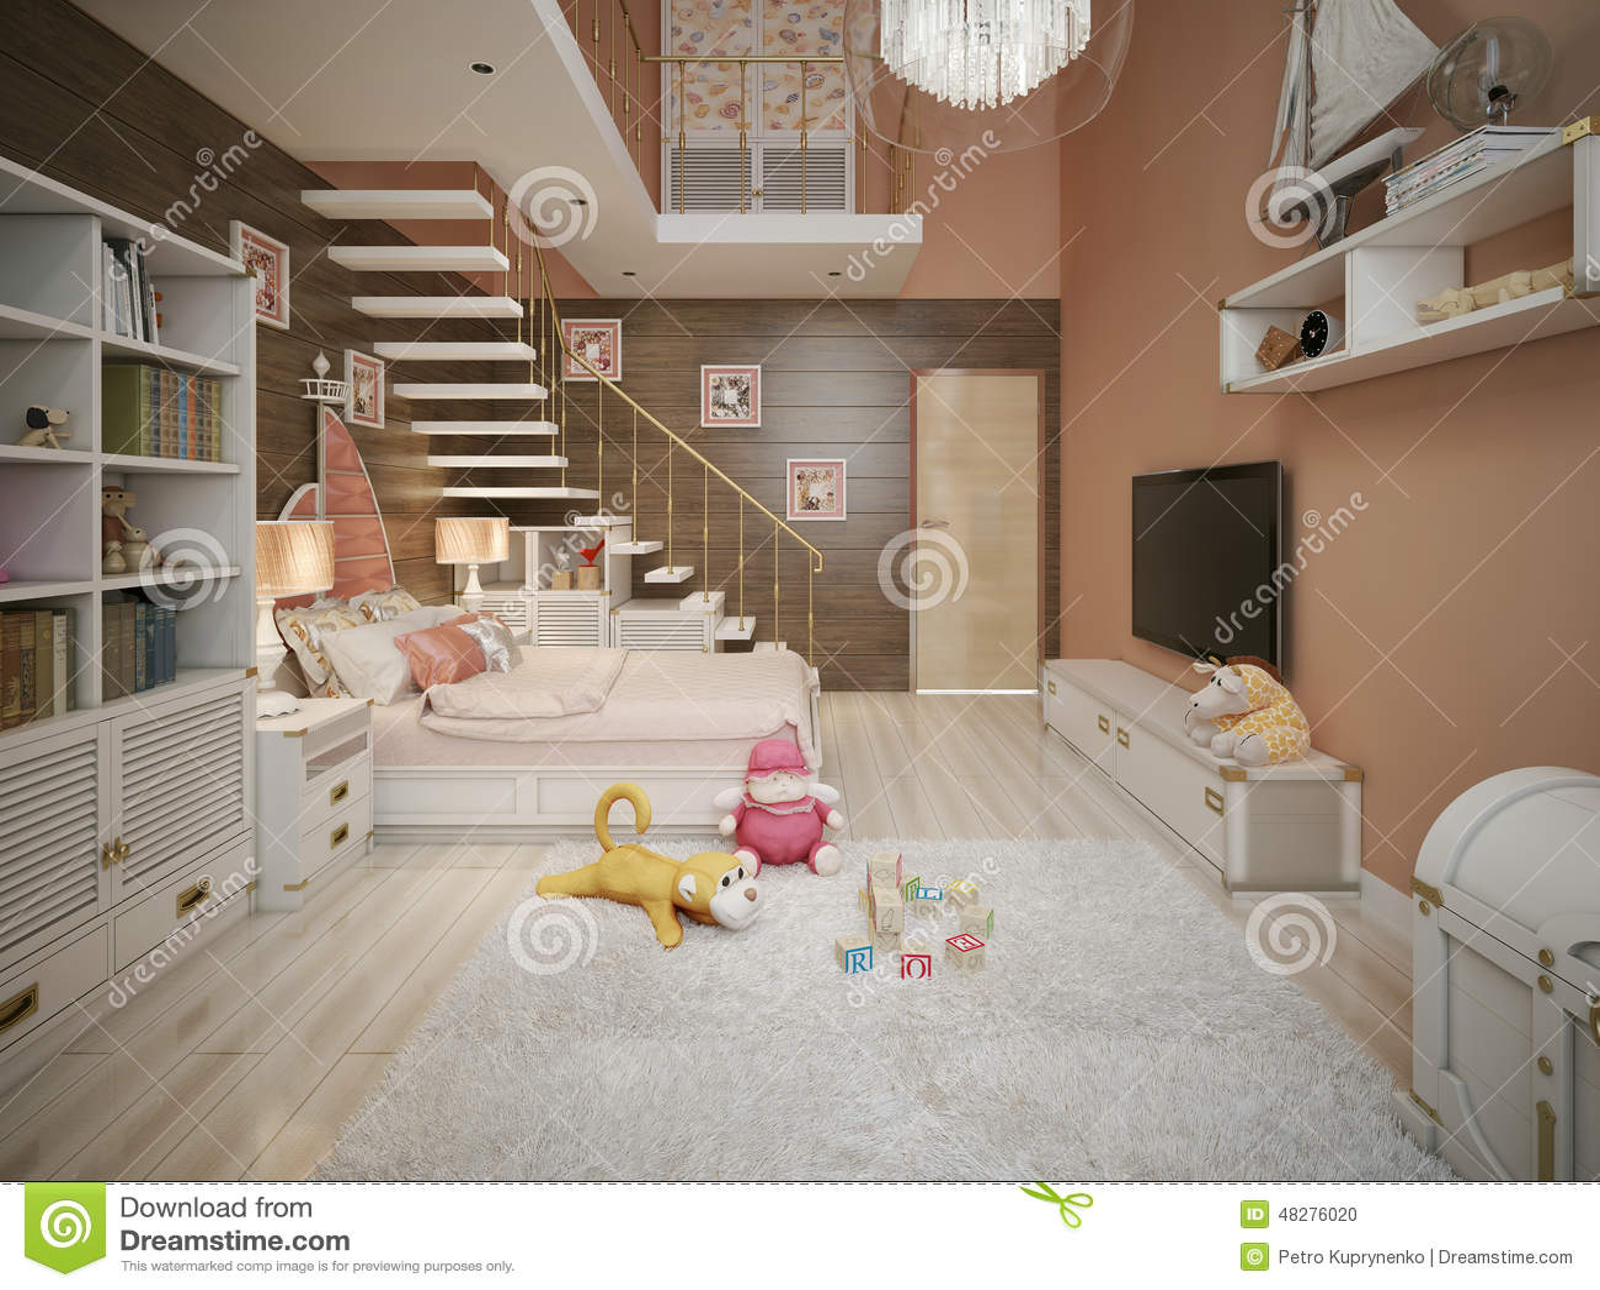 Camera da letto delle ragazze nello stile classico illustrazione di stock illustrazione di - Camera per ragazze ...